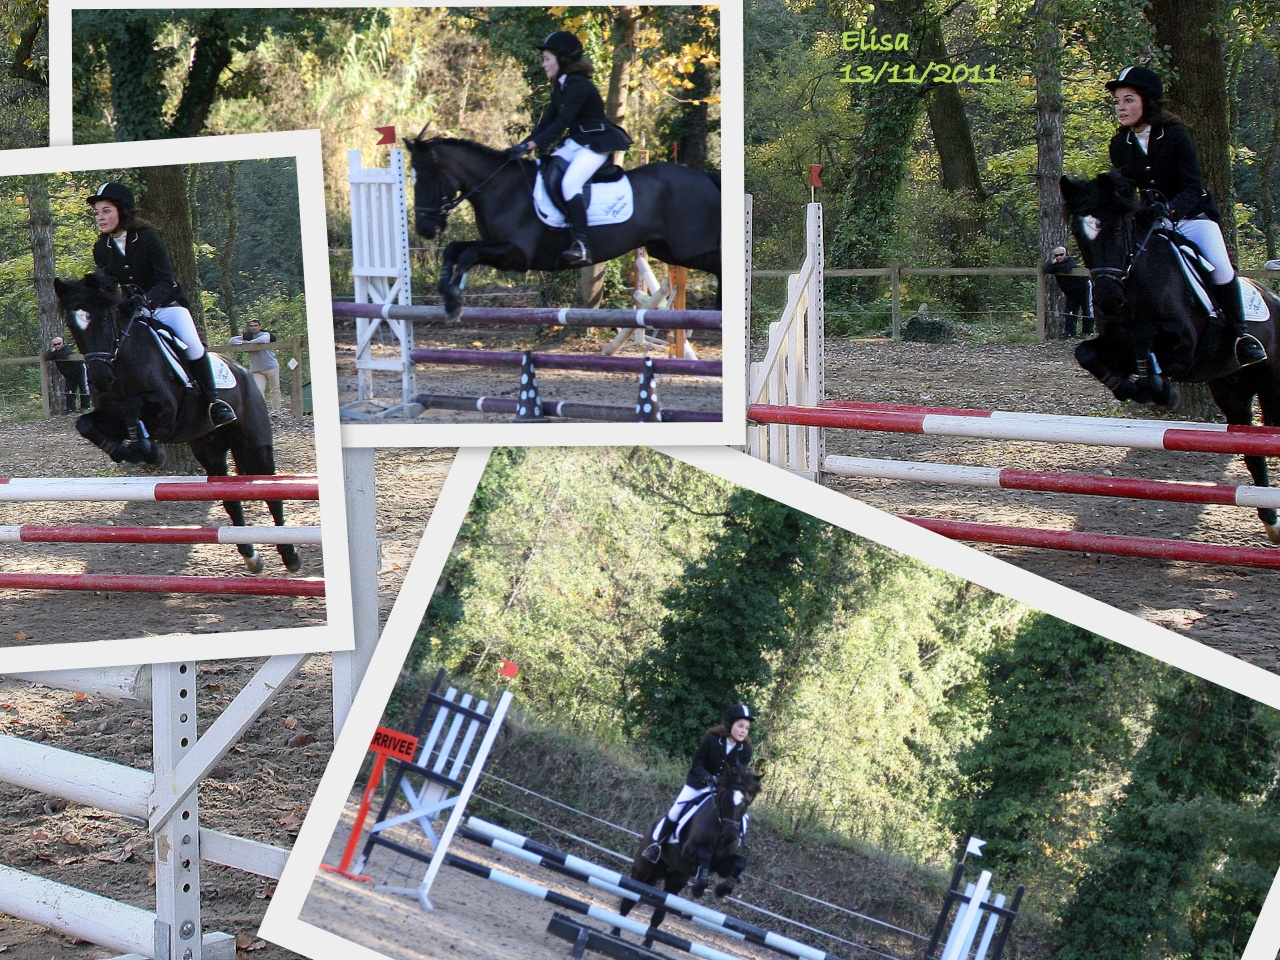 Elisa CSO Labatie Rolland 13 nov 2011